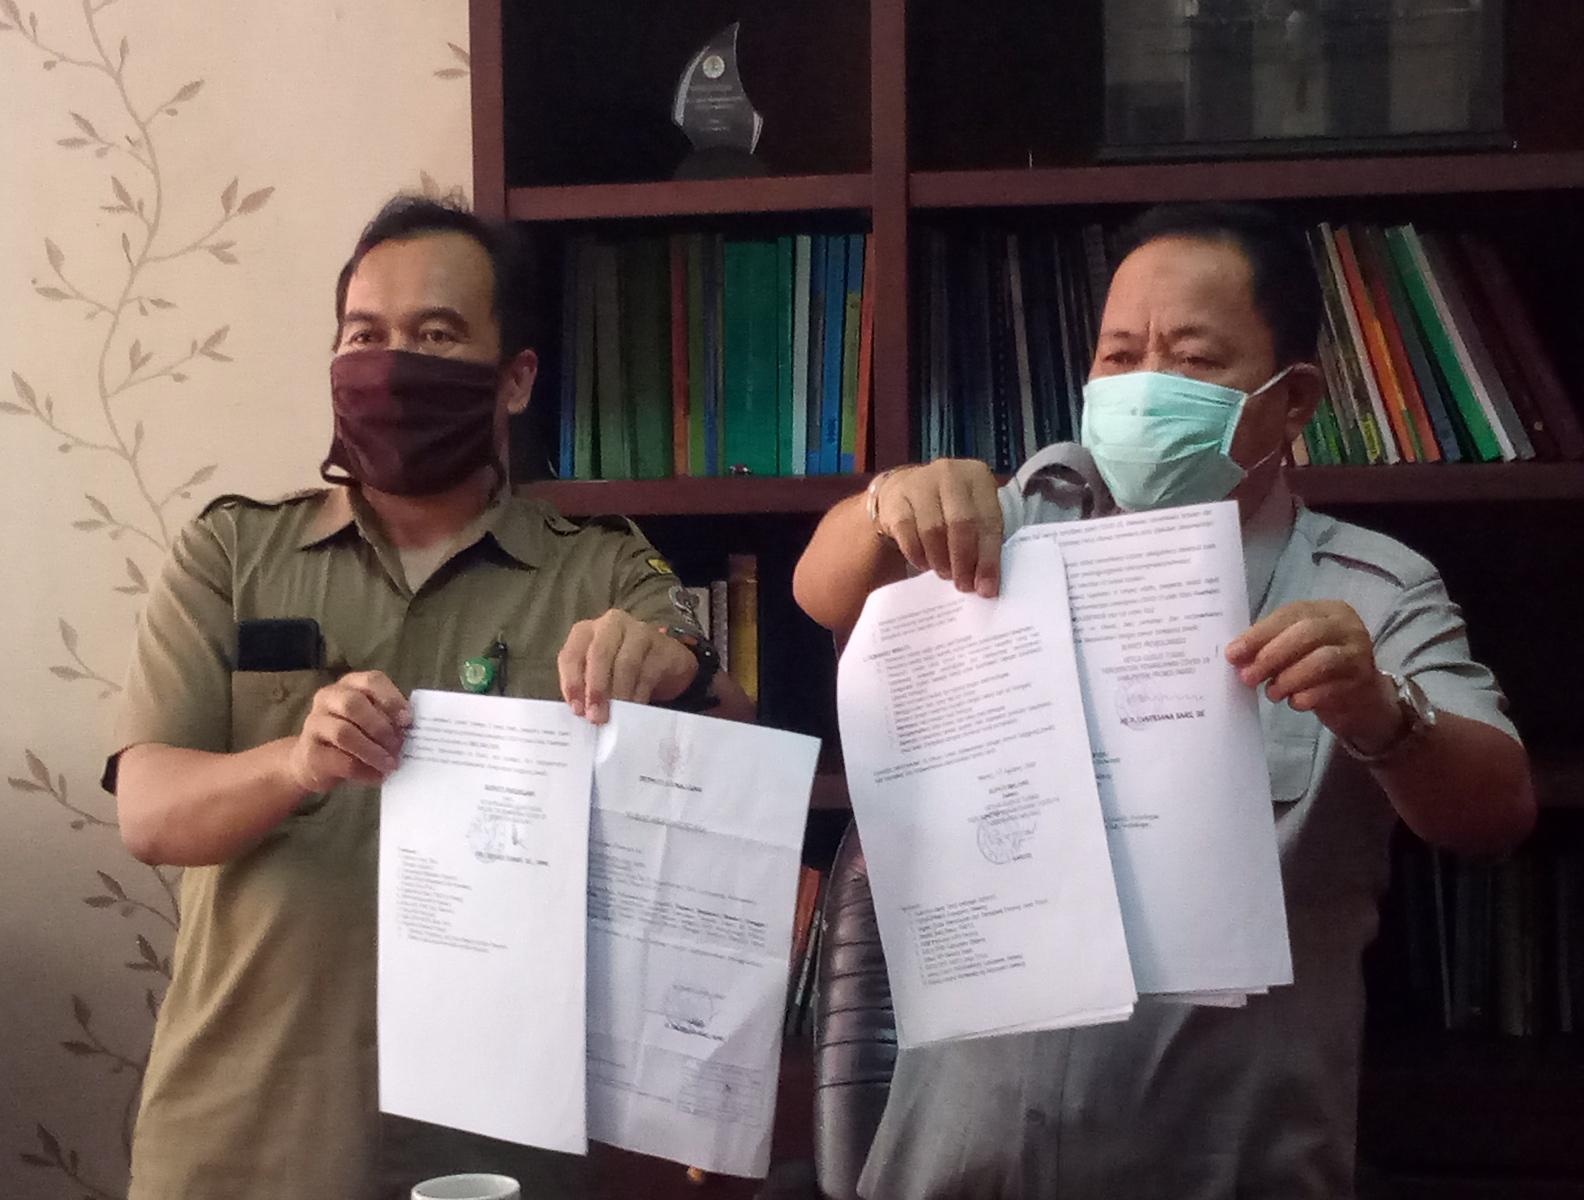 Foto: Kepala Balai Besar TNBTS menunjukan surat rekomendasi dari 4 Kepala Daerah (kabarmalang.com)